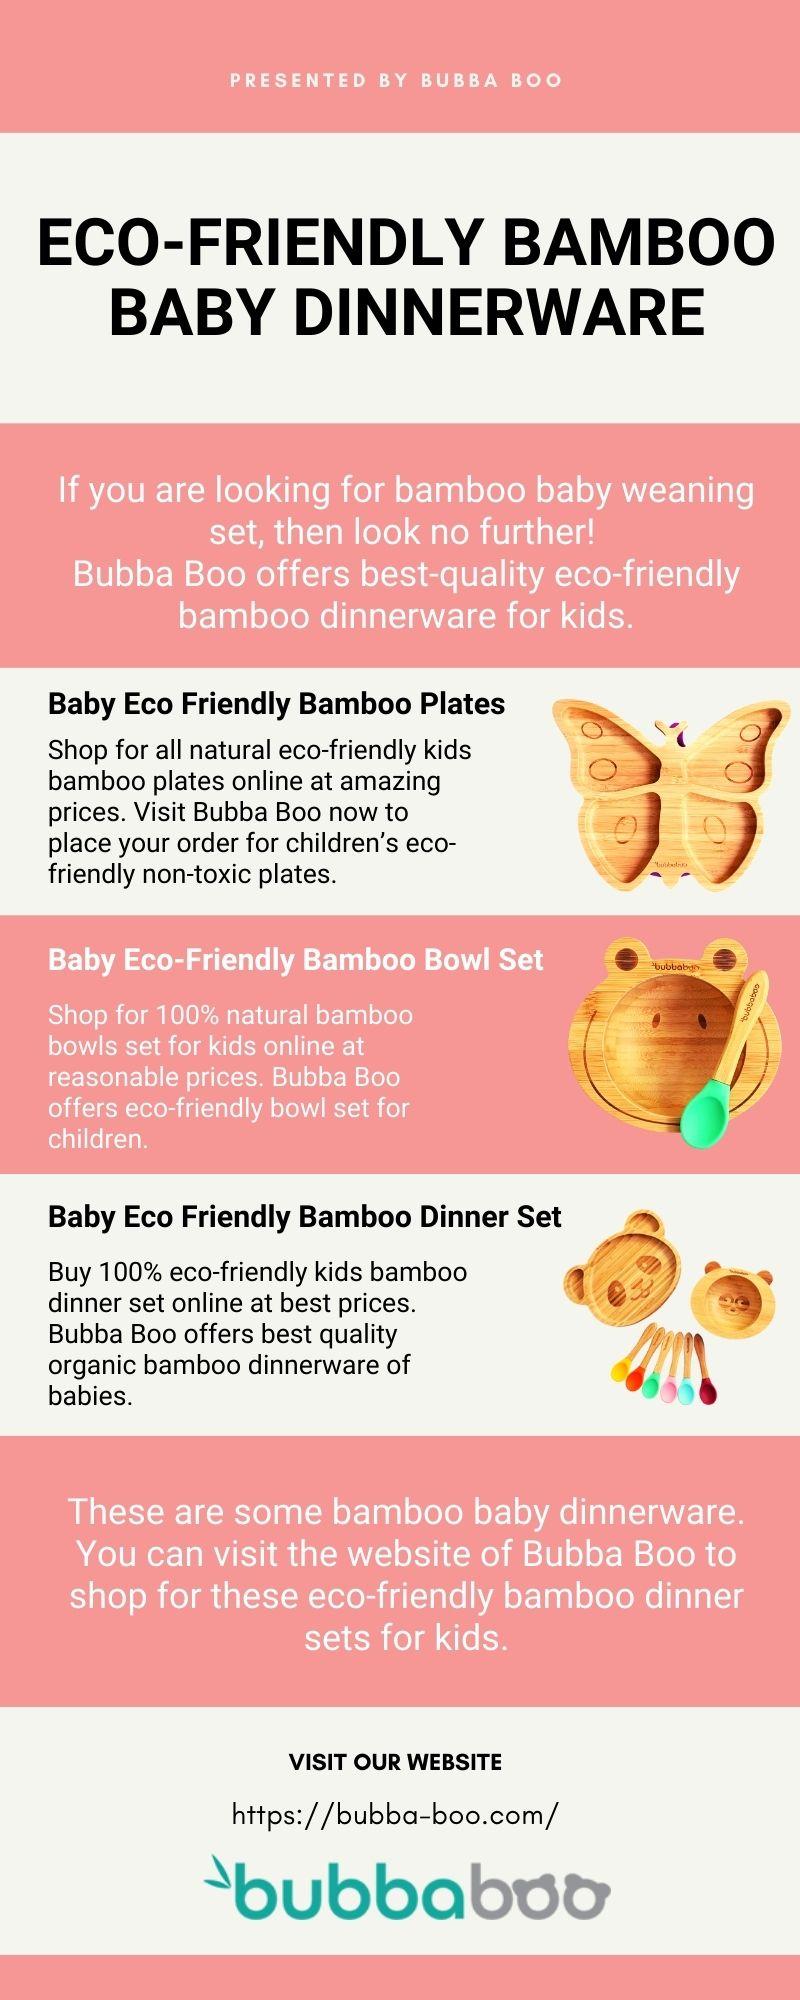 ECO-FRIENDLY BAMBOO BABY DINNERWARE